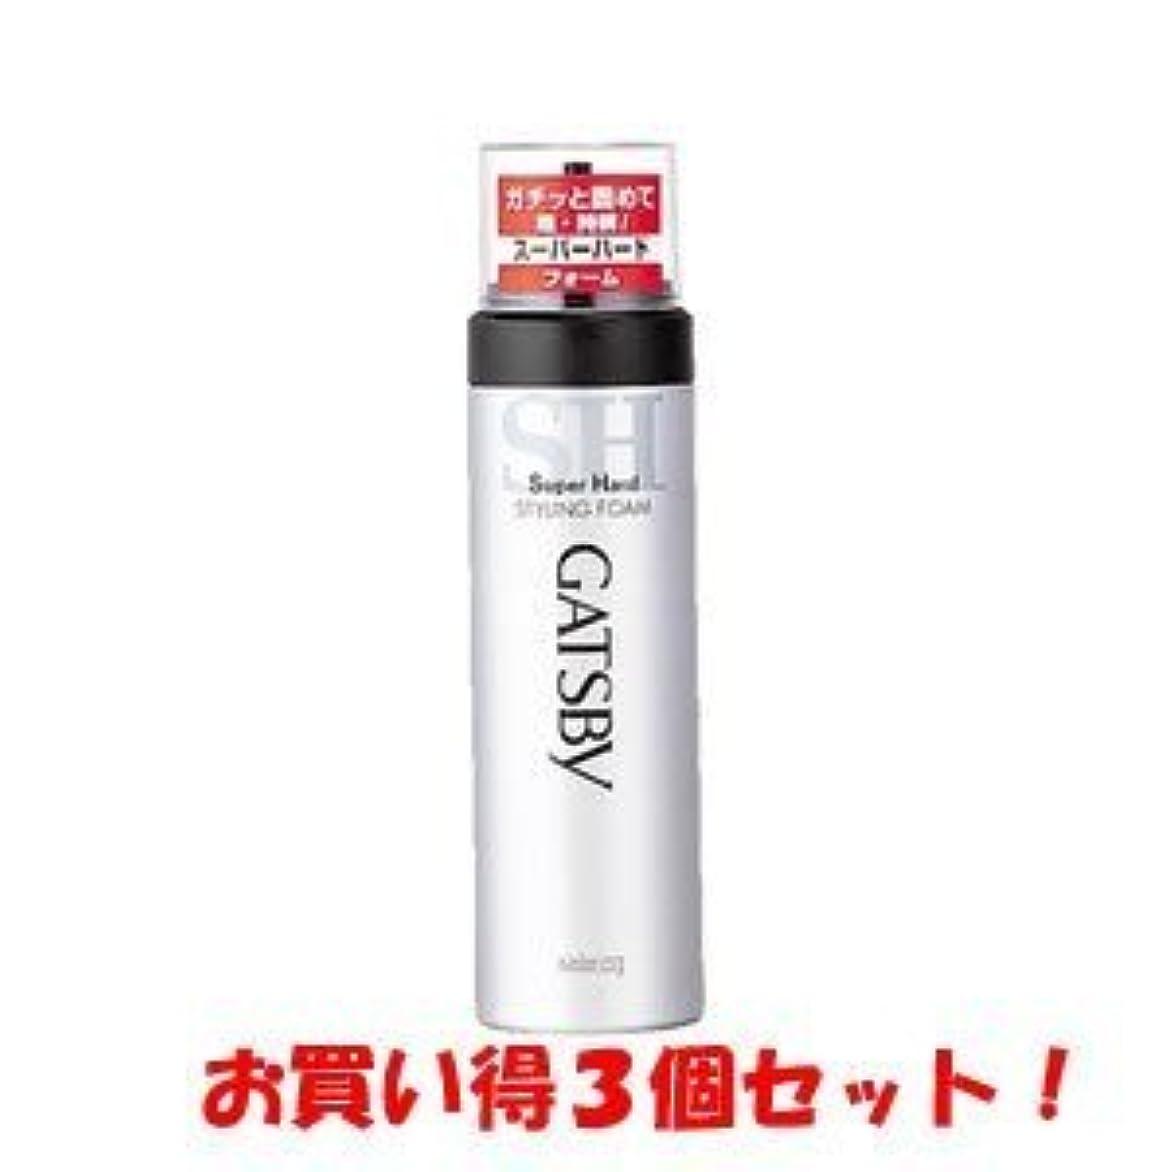 バウンドはげナチュラギャツビー【GATSBY】スタイリングフォーム スーパーハード 185g(お買い得3個セット)